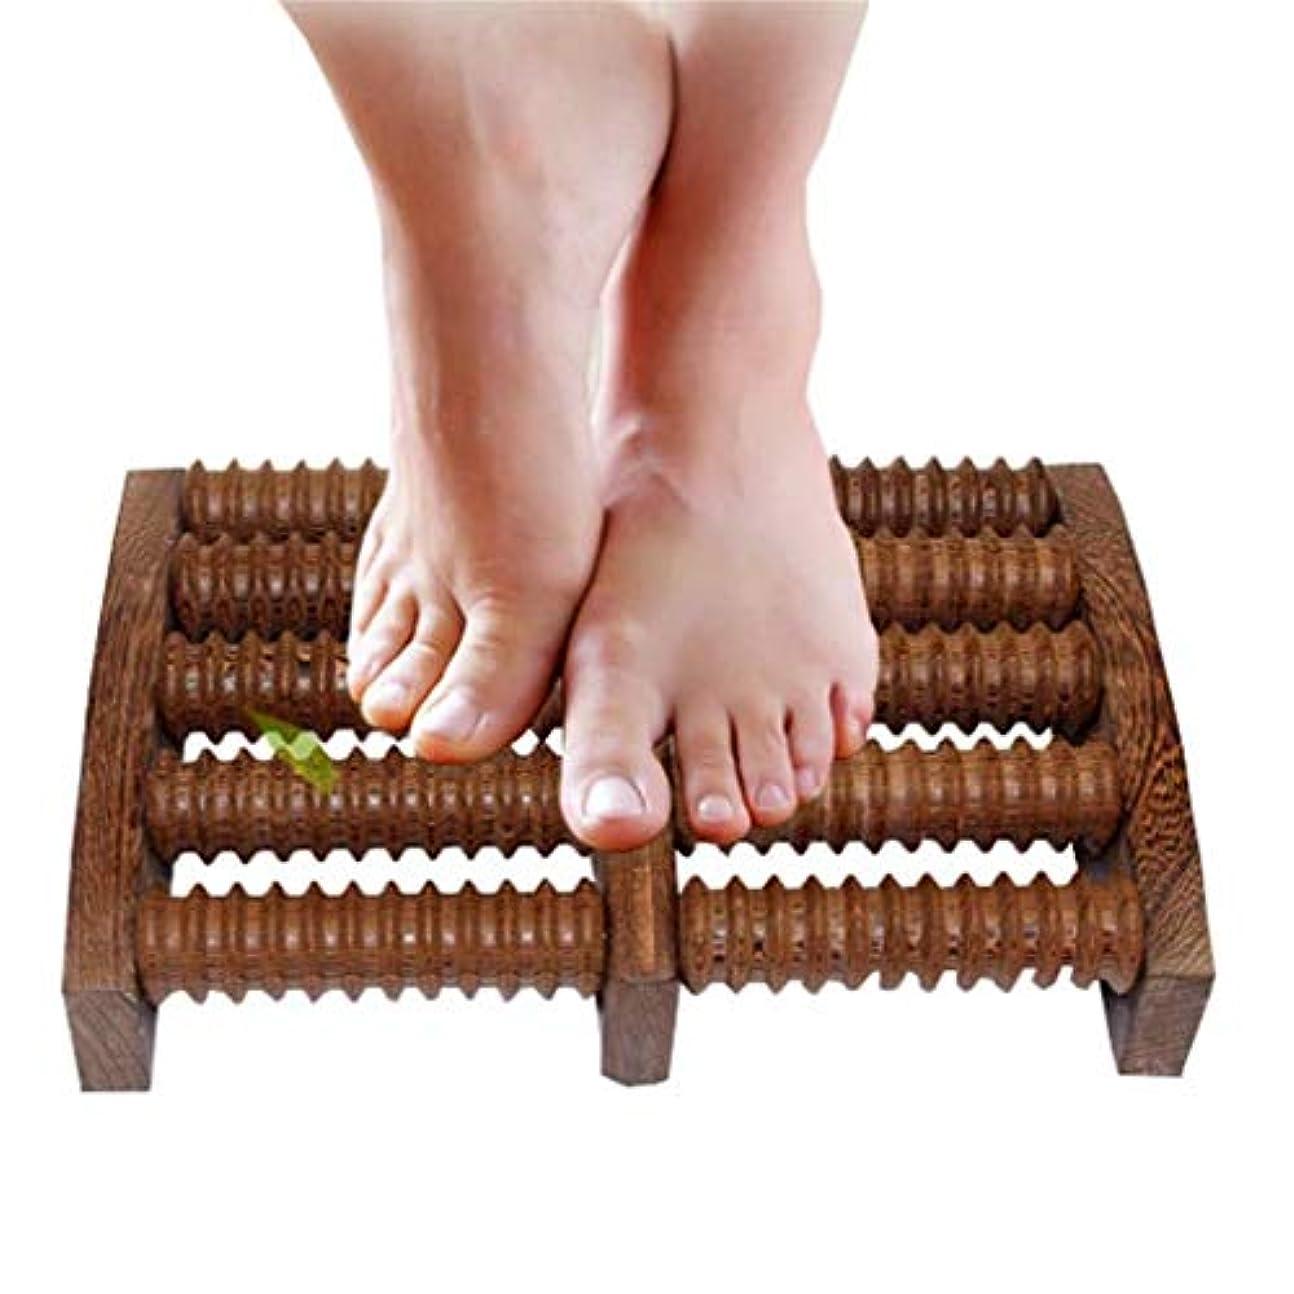 分析的な慣れている偽造木製足裏マッサージローラーは、足底筋膜炎の治療のために圧力/かかととアーチの痛みを和らげ、筋肉と足のマッサージャーをリラックスさせます (Color : B)